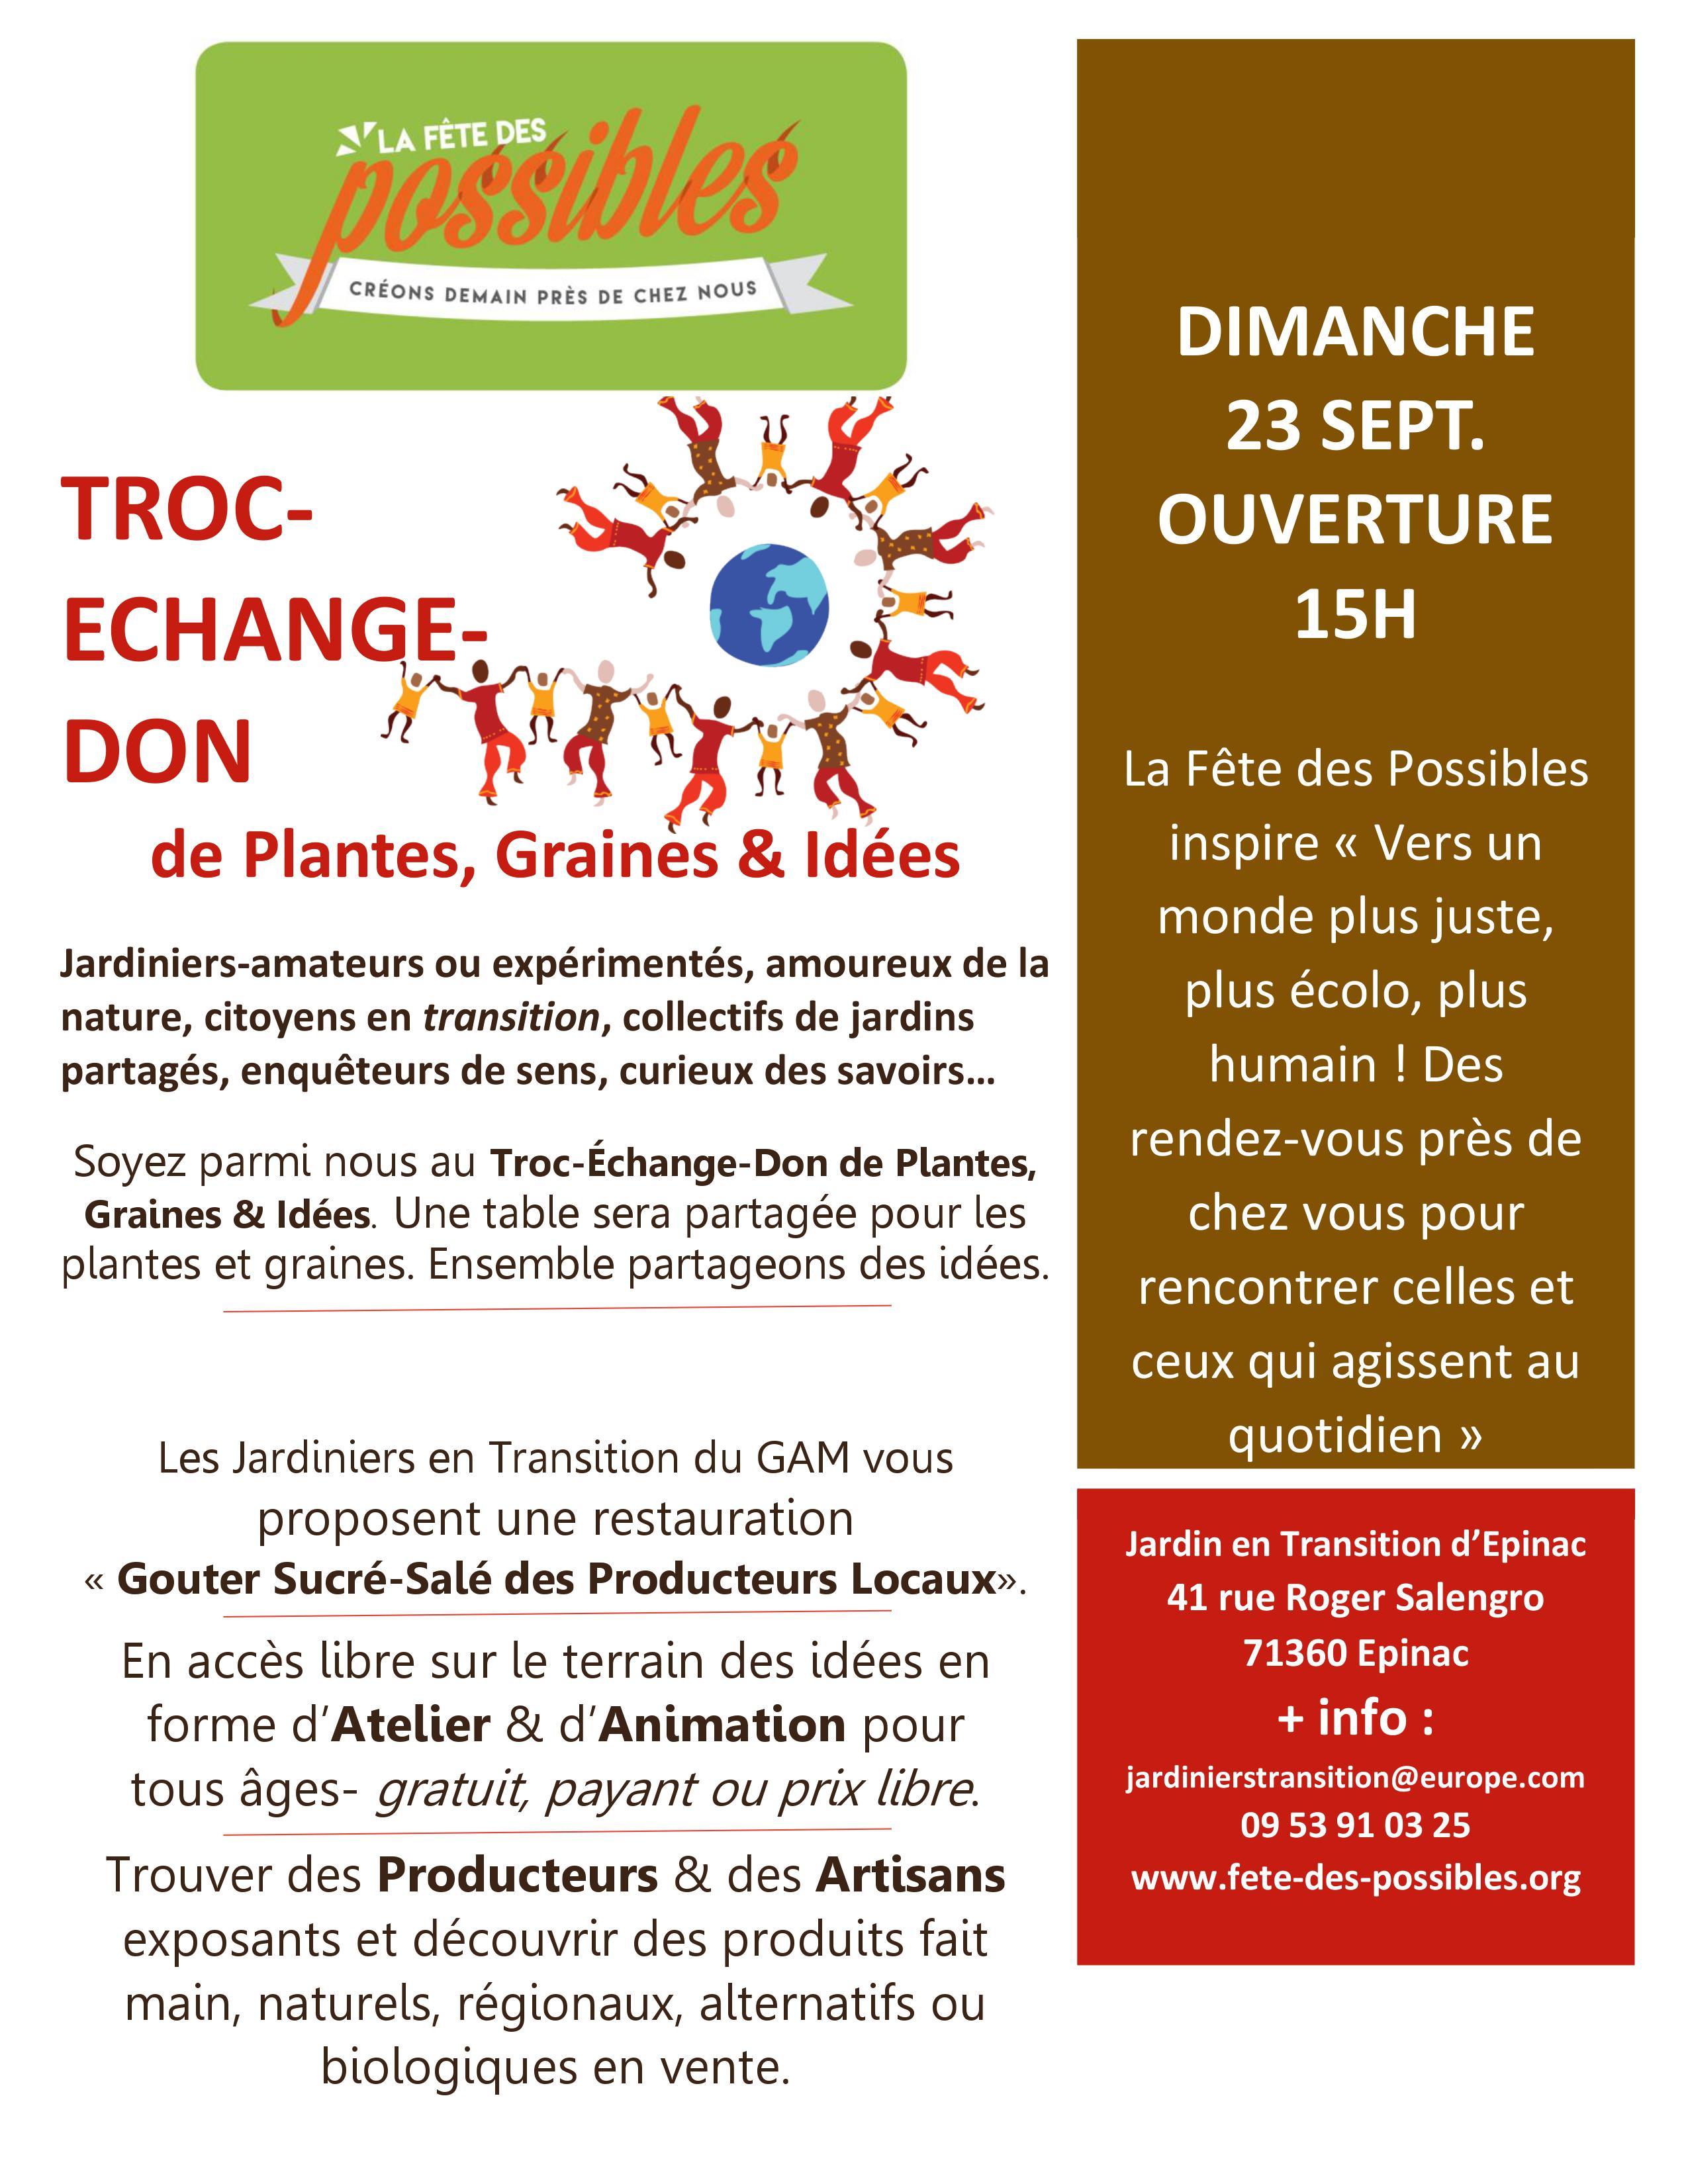 Troc, Echange, Don de plantes, graines et idées